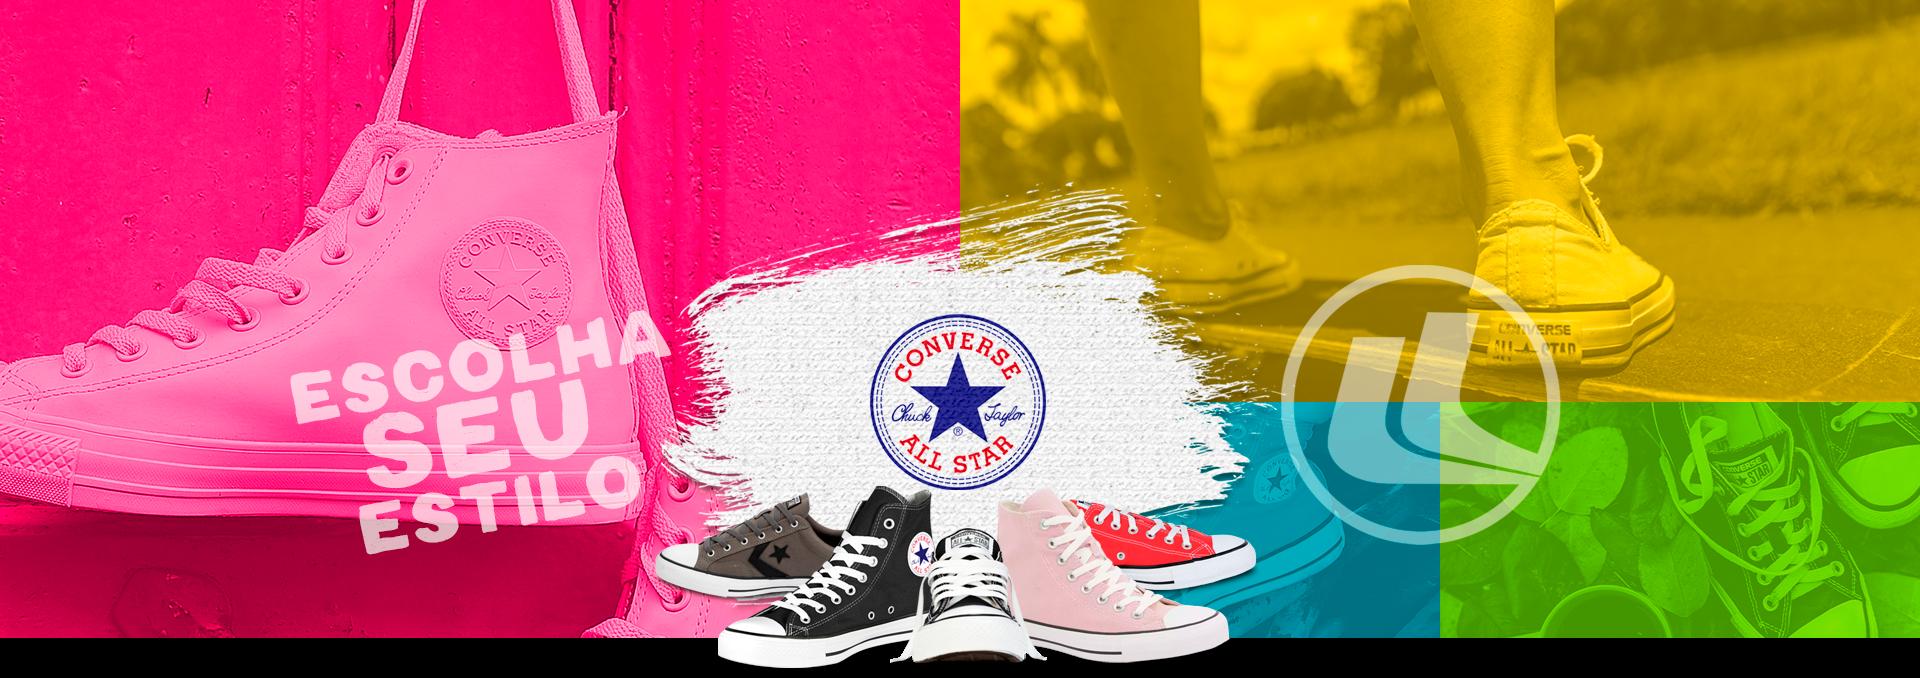 Esporte Legal - Artigos Esportivos - Converse e All Star - Tênis Converse de várias marcas e modelos, linha Casual All Star, As Core, Platform em modelos de Cano alto e baixo